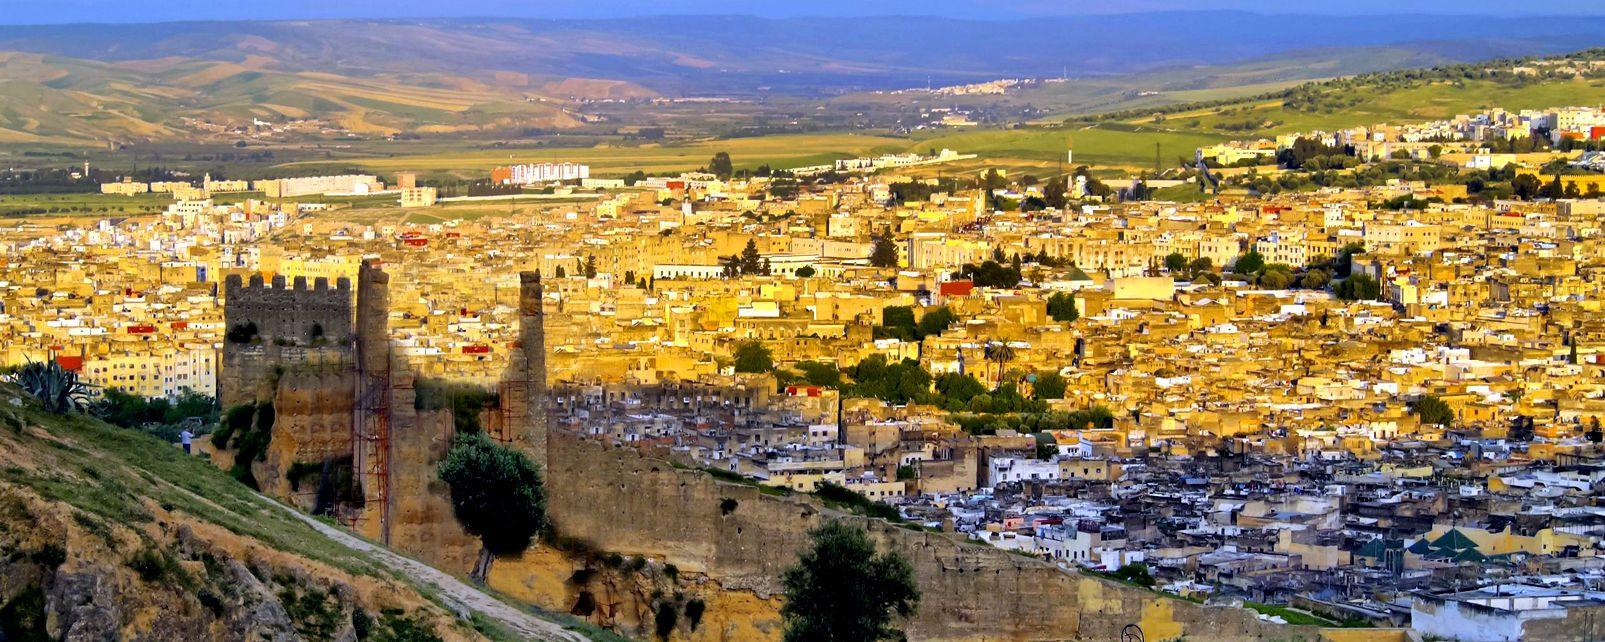 FES. Morocco